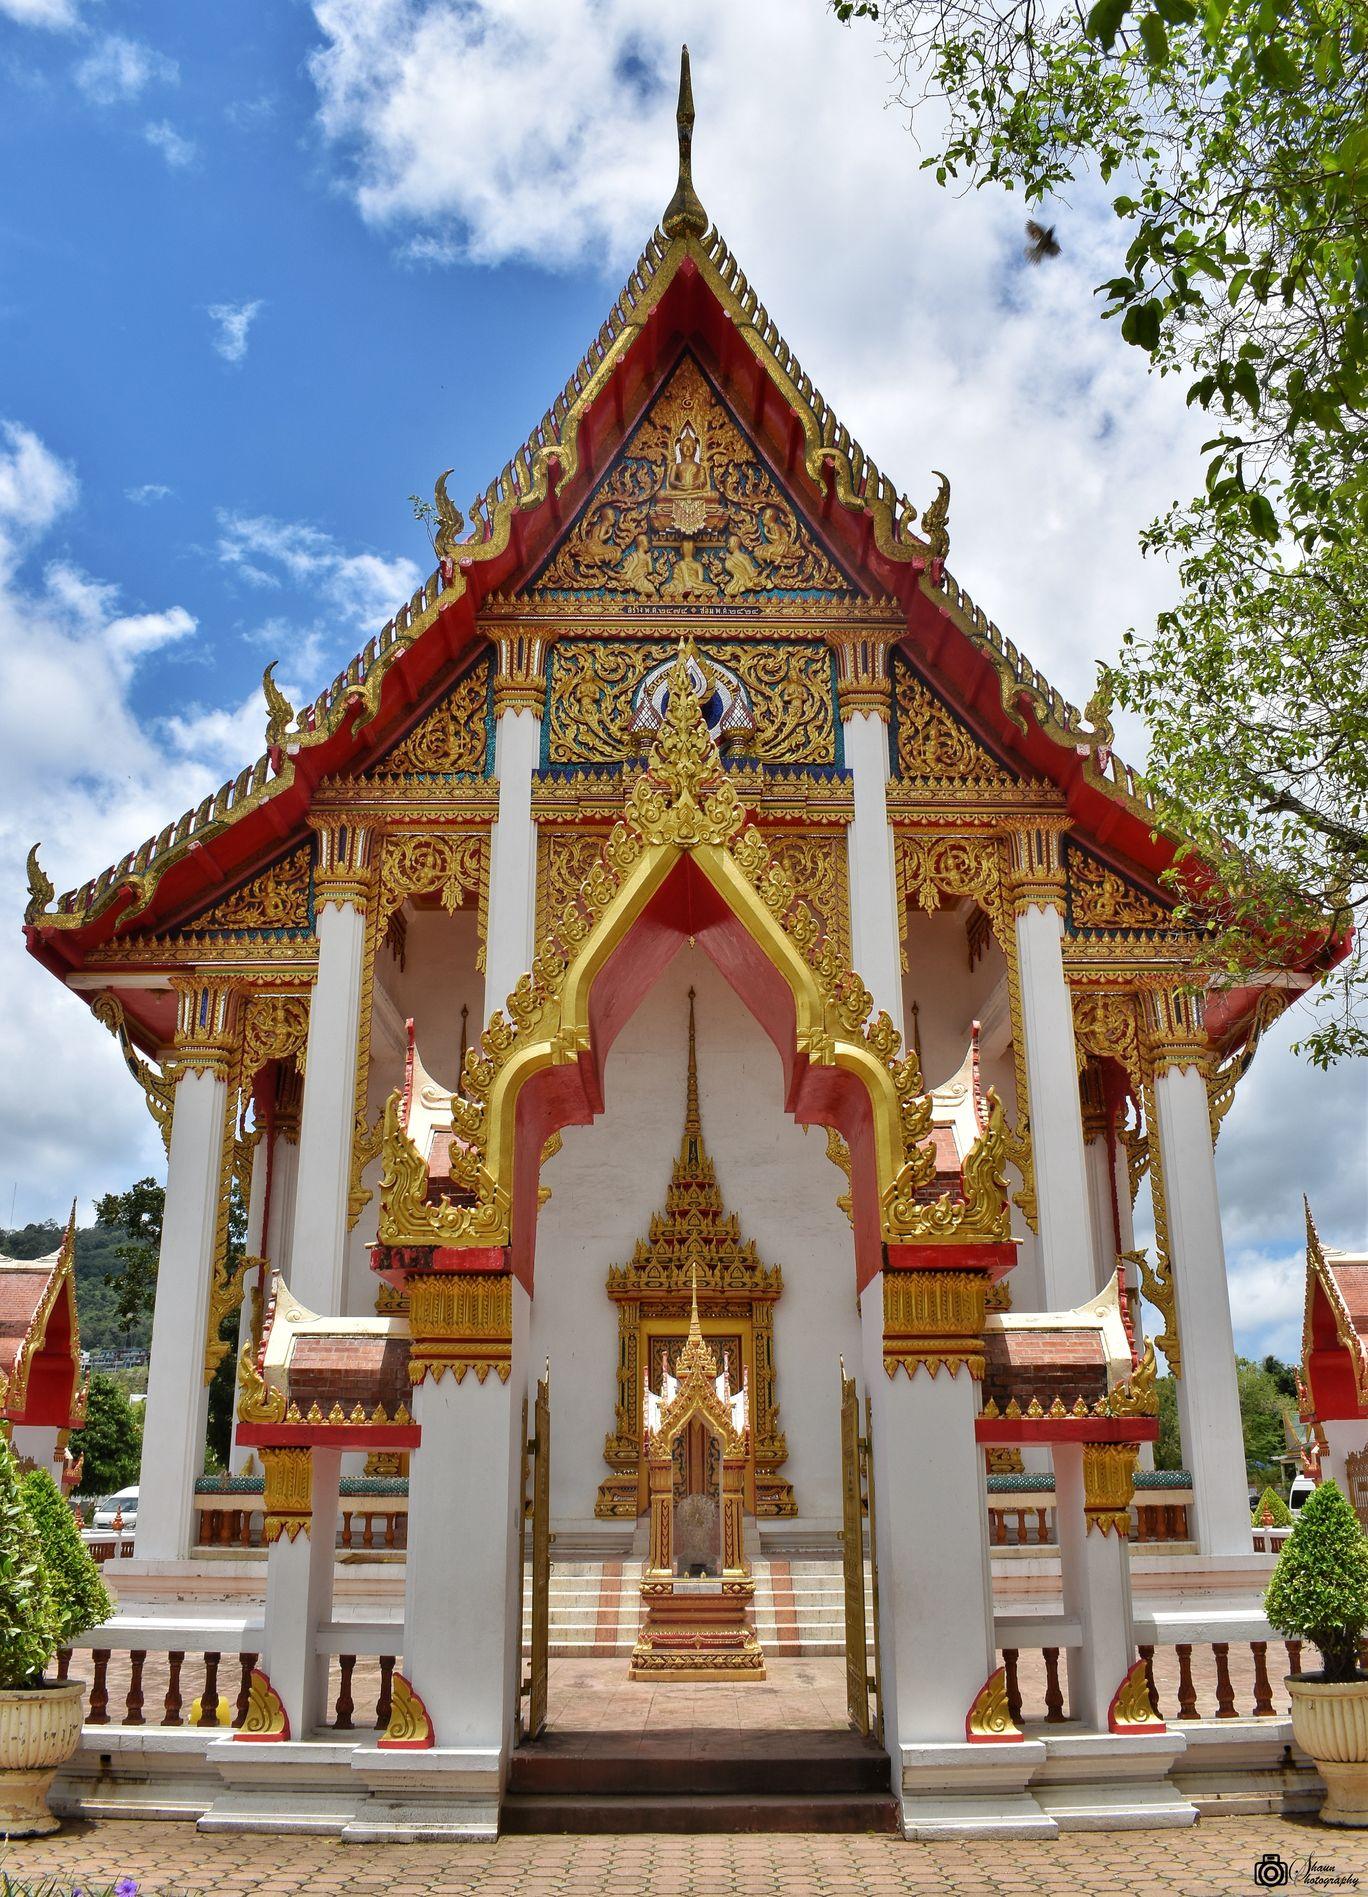 Photo of Wat Chalong Temple By Shounak Chakraborty